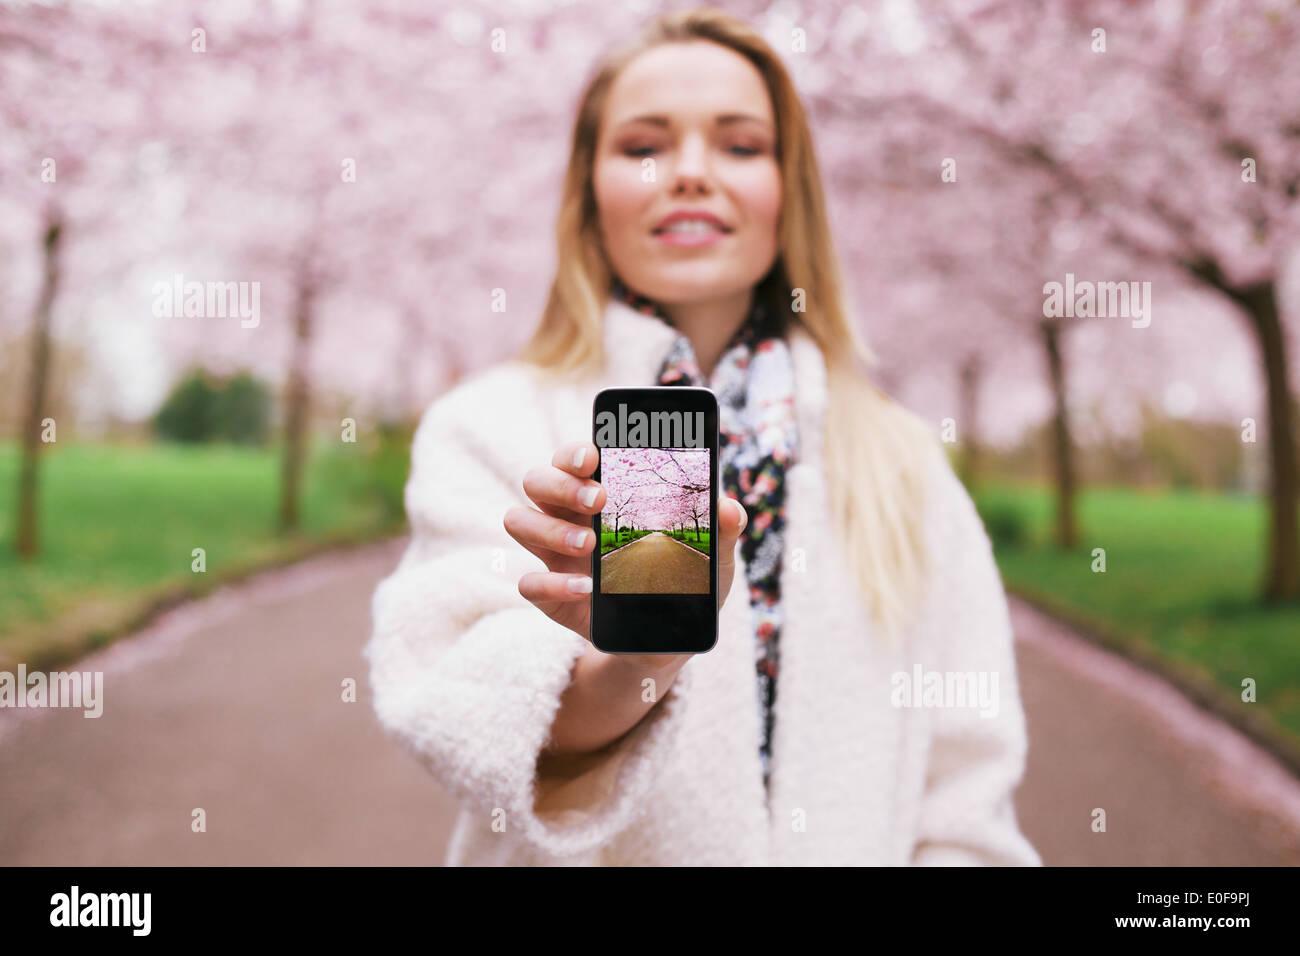 Giovane donna che mostra una fotografia sul suo smart phone a voi. Femmina a molla park la visualizzazione di immagini sul suo telefono cellulare. Immagini Stock